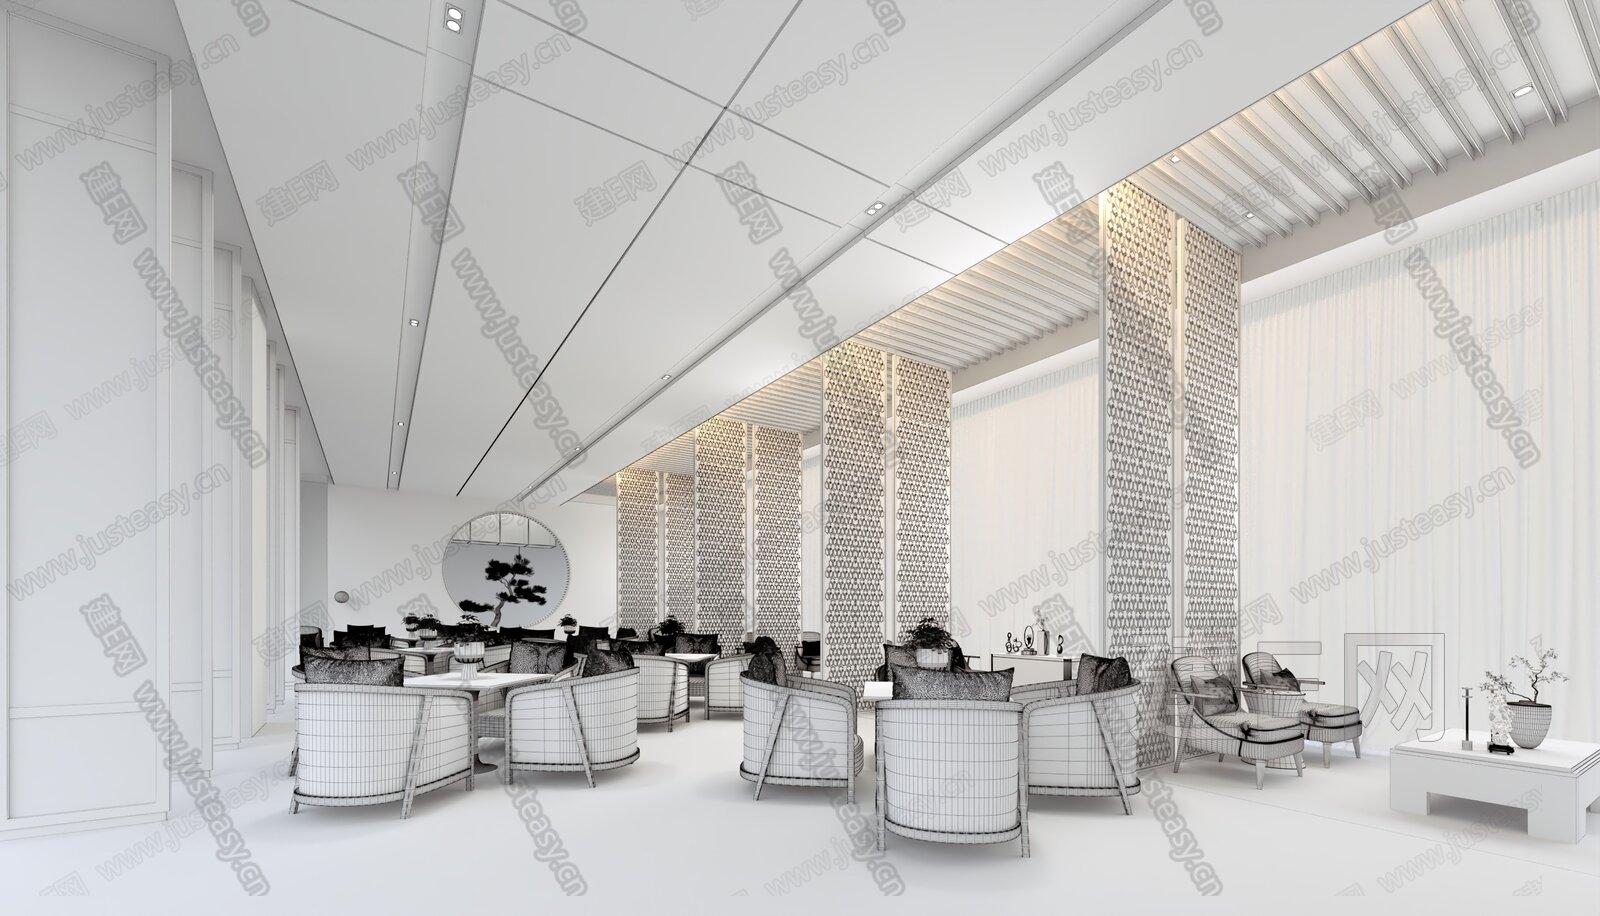 戴勇 坤达.江山筑销售中心 新中式售楼处休息区3d模型